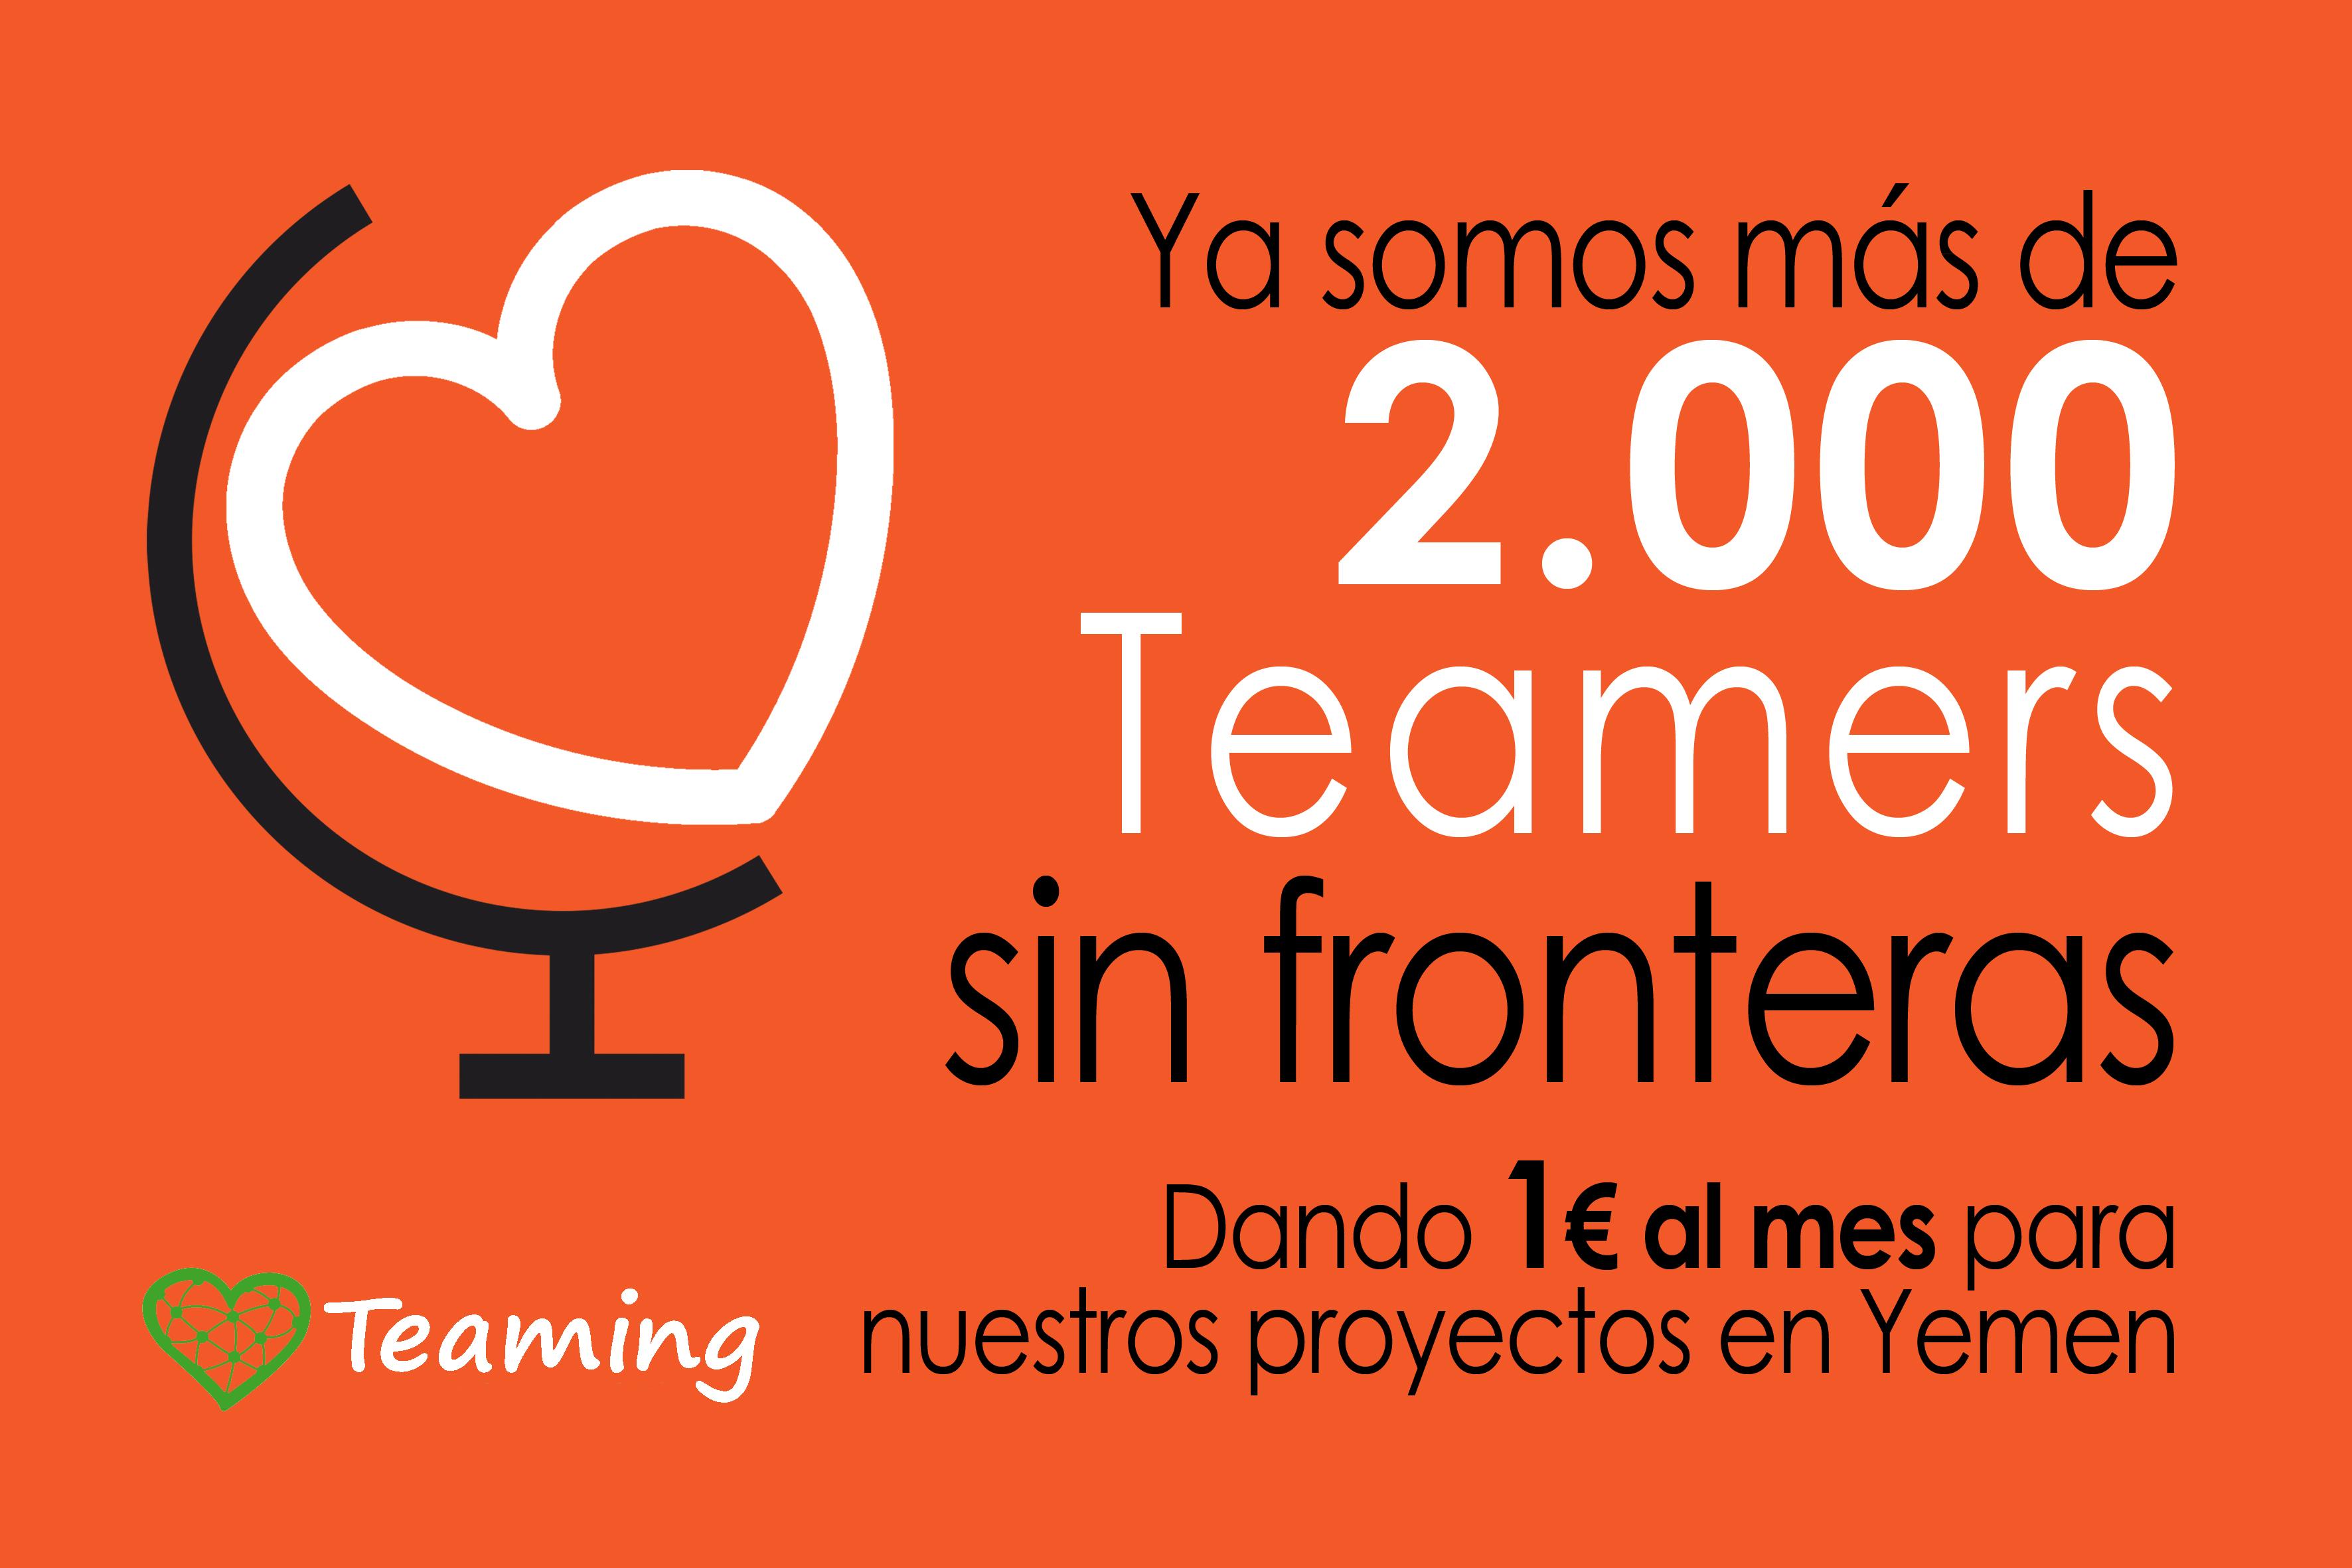 Ya somos más de 2.000 teamers sin fronteras!